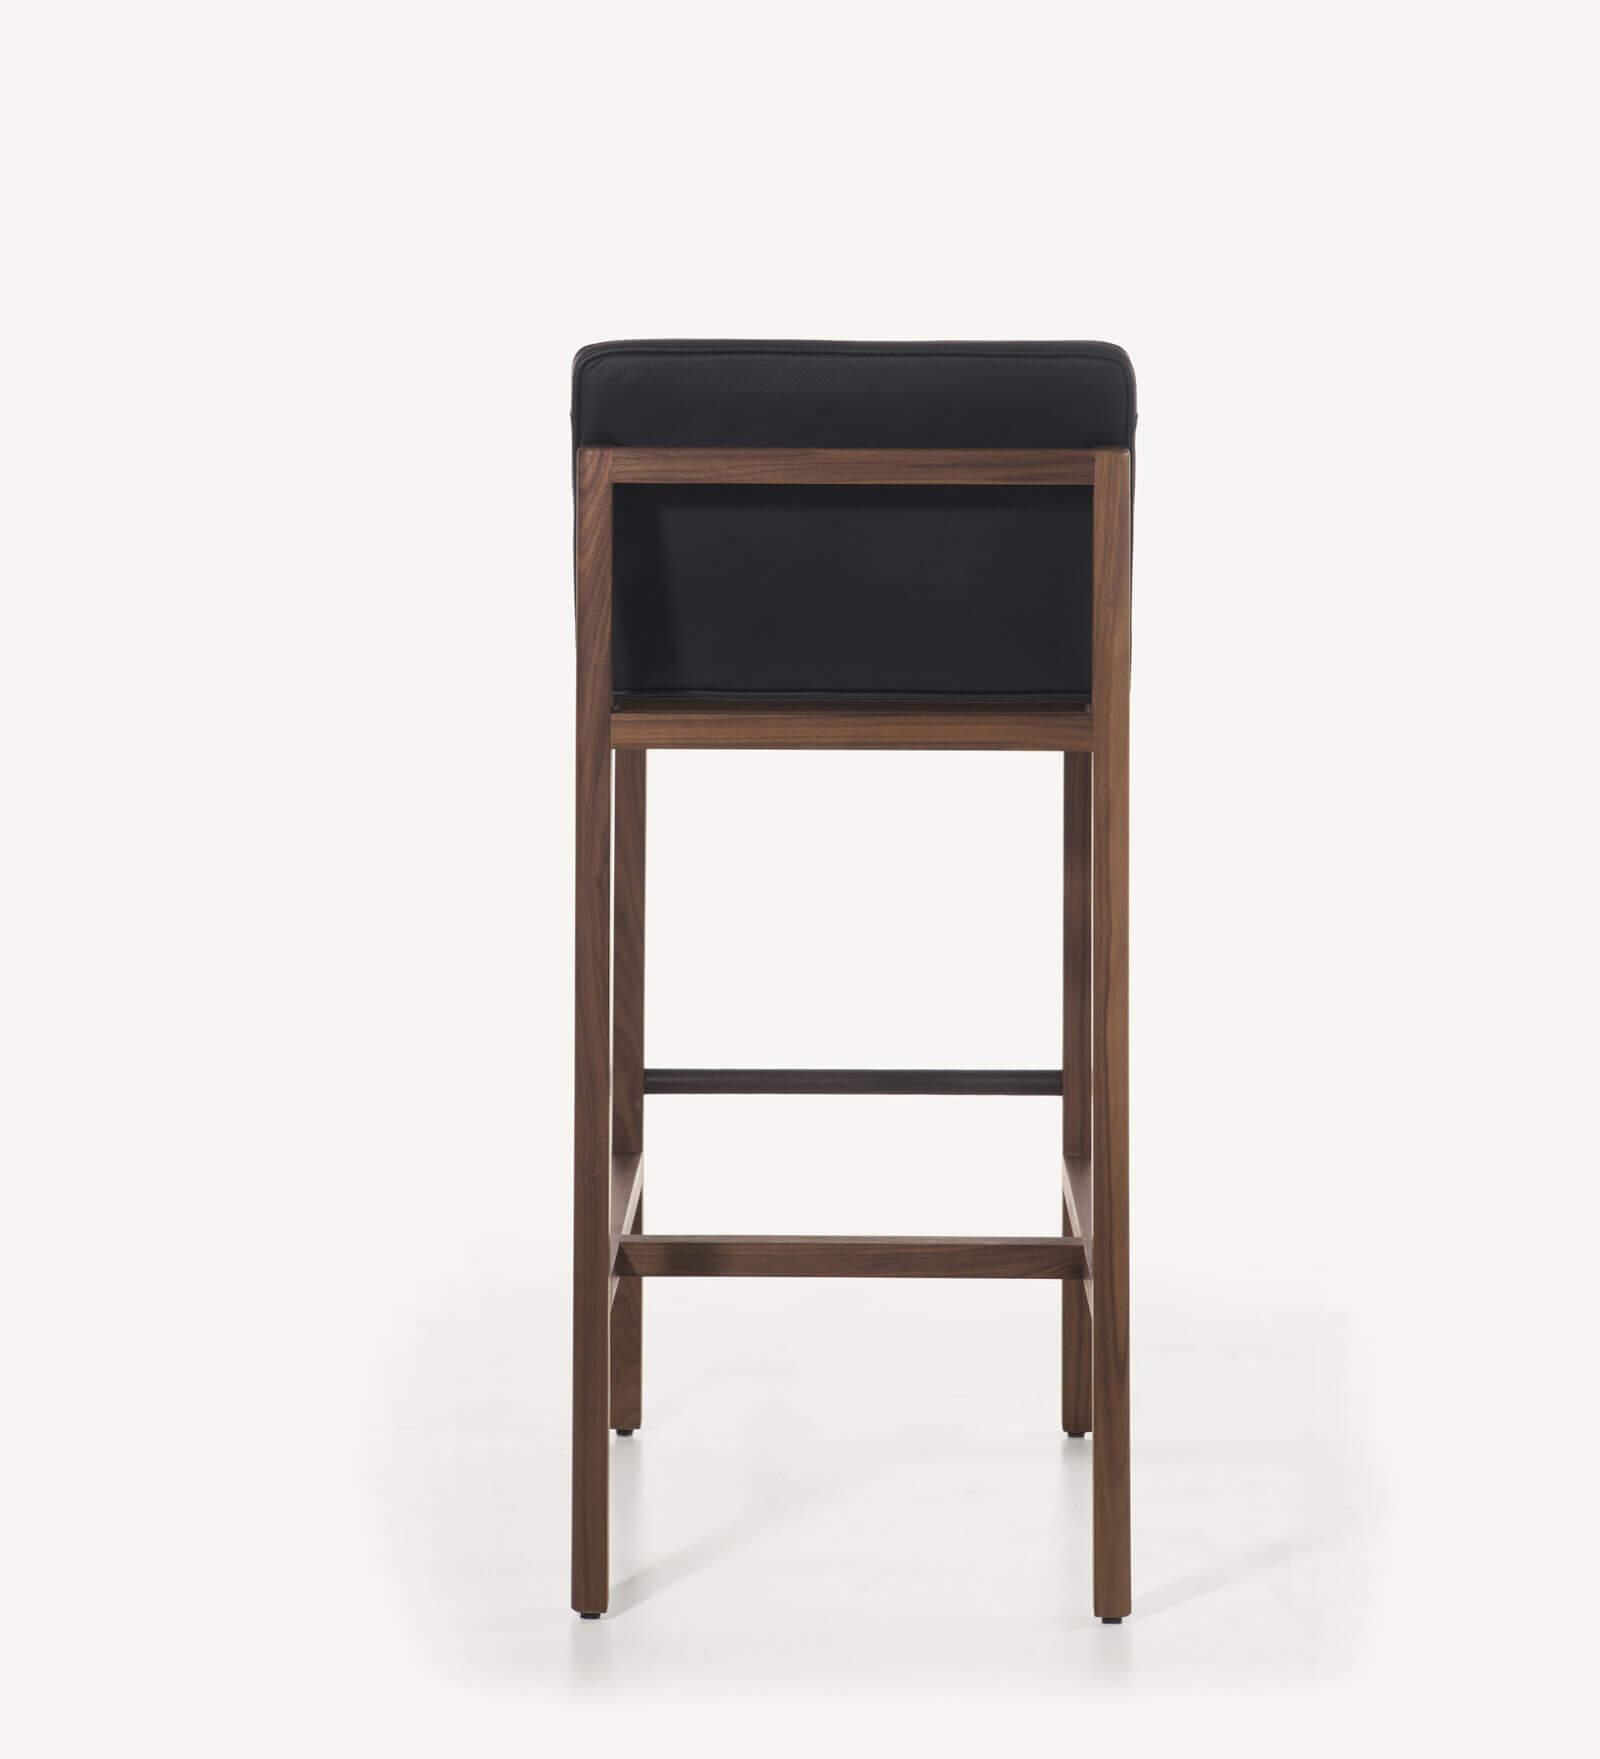 TinnappleMetz-bassamfellows-Wood-Frame-Stool-02